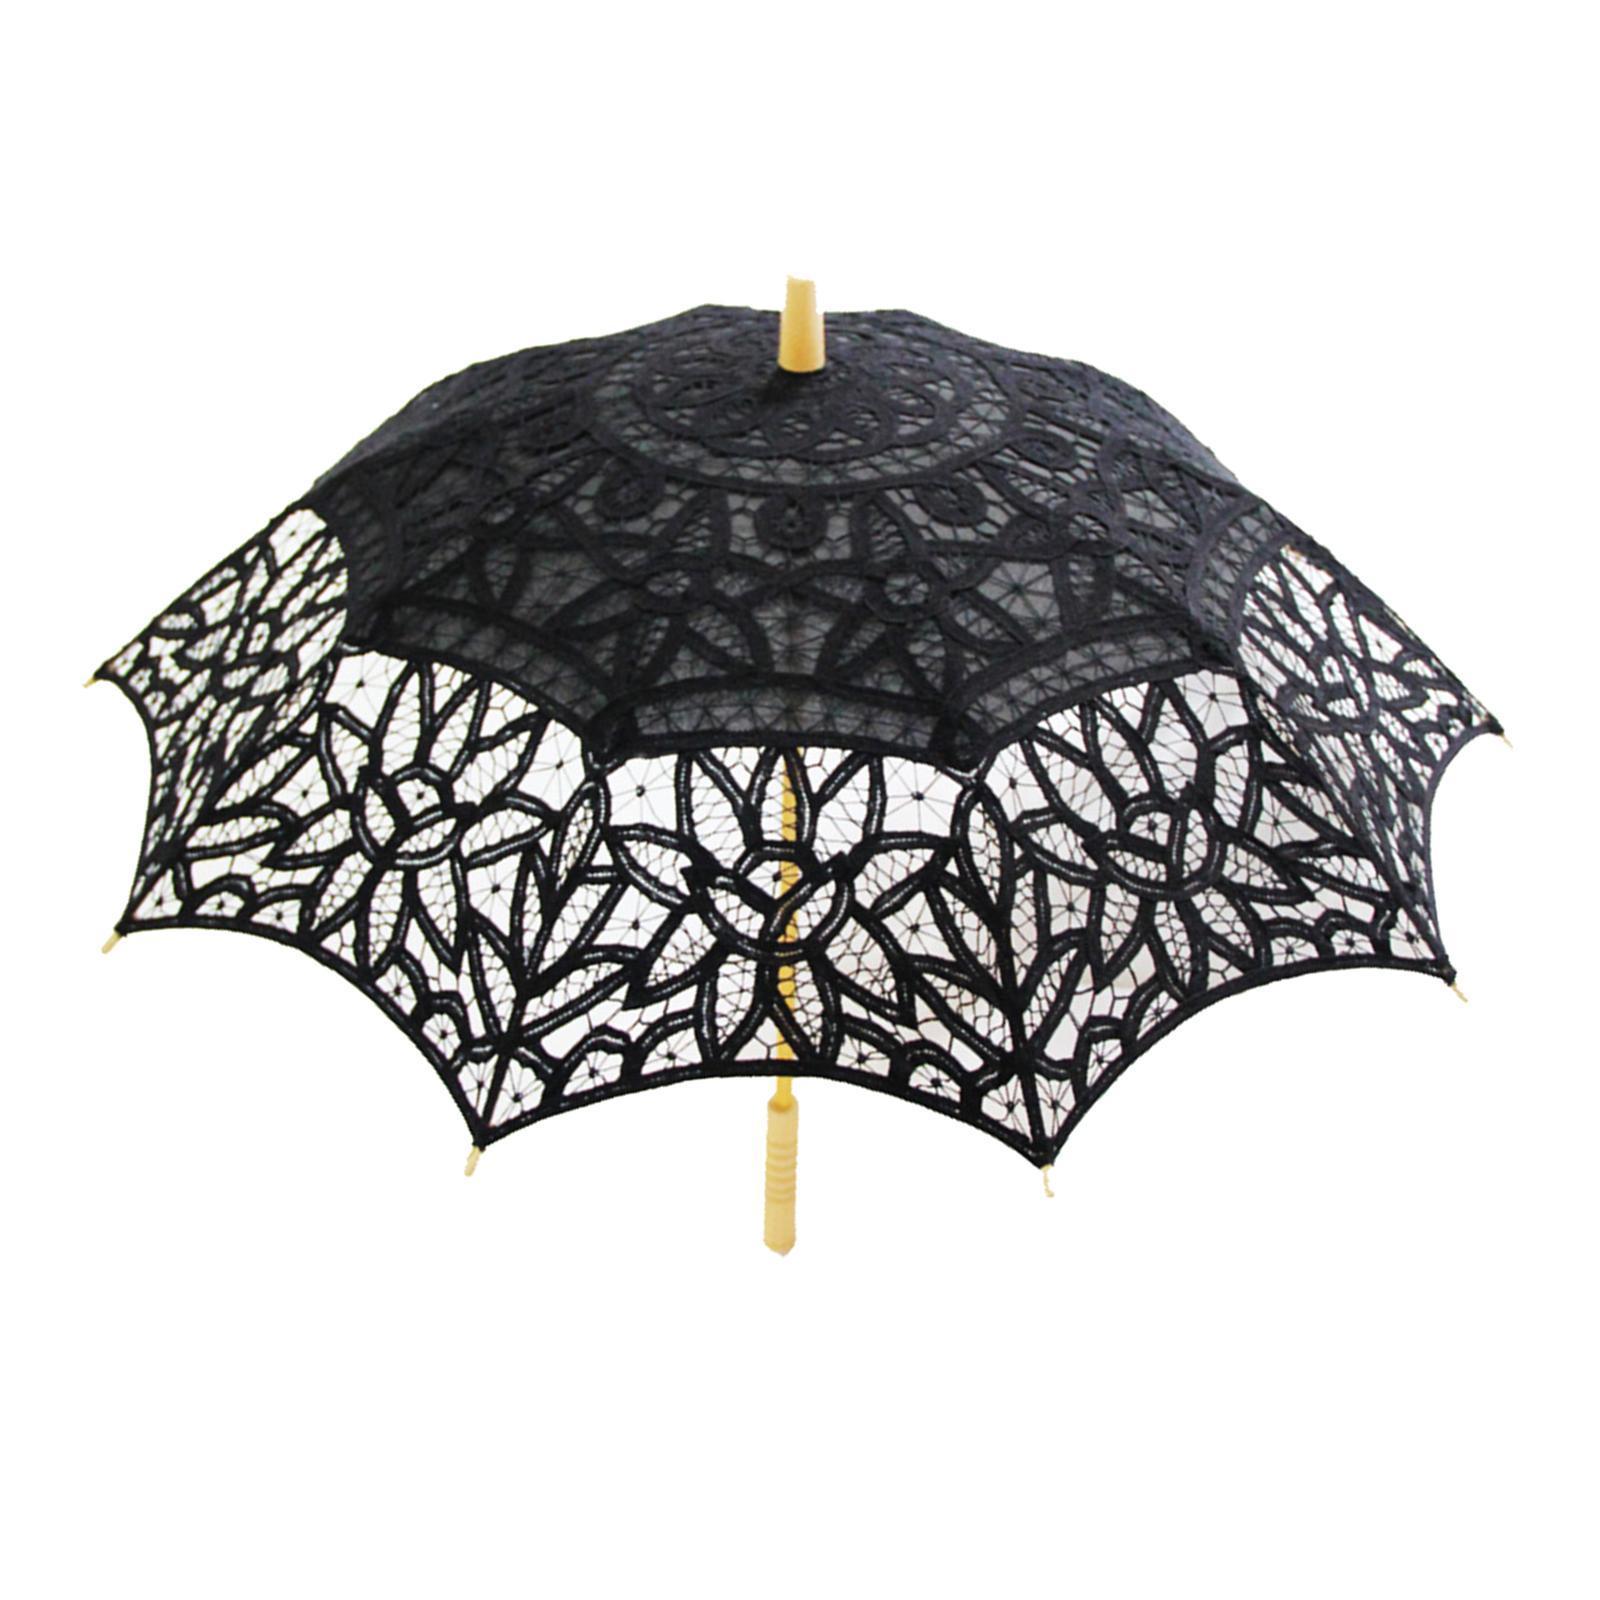 thumbnail 2 - Parapluie de mariage parapluie de mariage vintage en dentelle de coton fait main